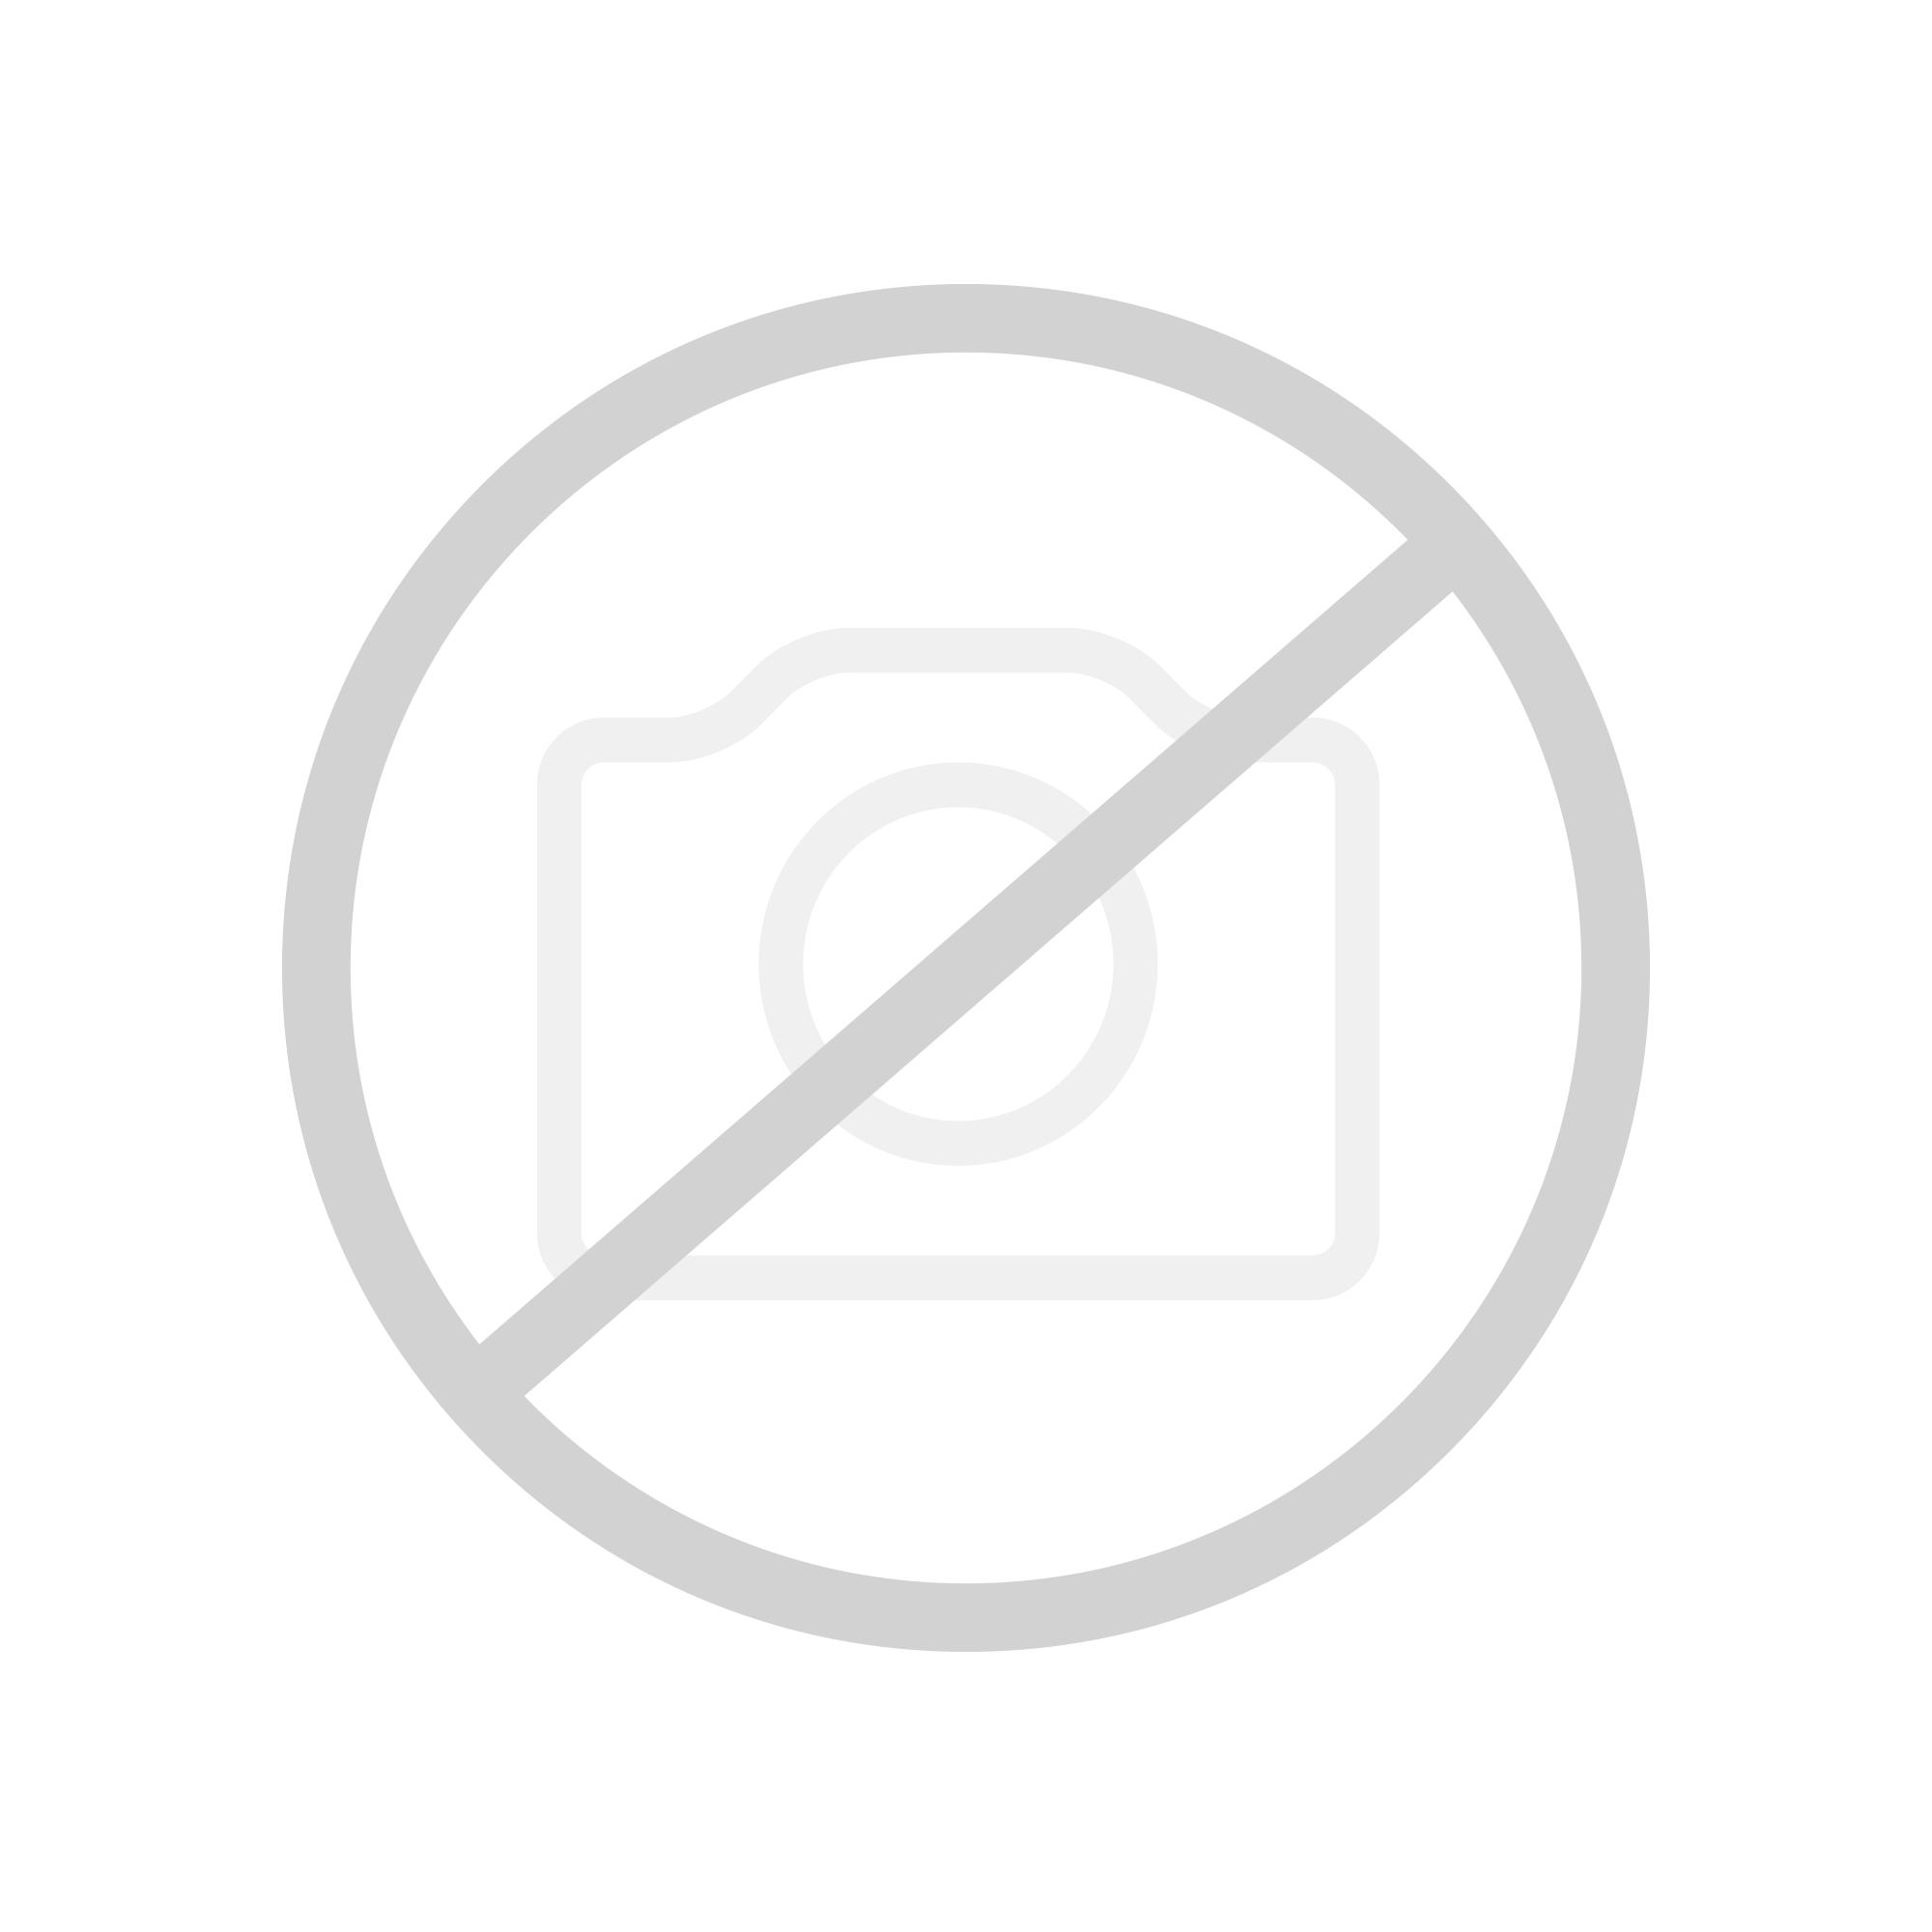 Sanipa 3way Waschtischunterschrank mit 2 Auszügen inkl. Glas-Waschtisch Front weiß soft/ Korpus weiß soft